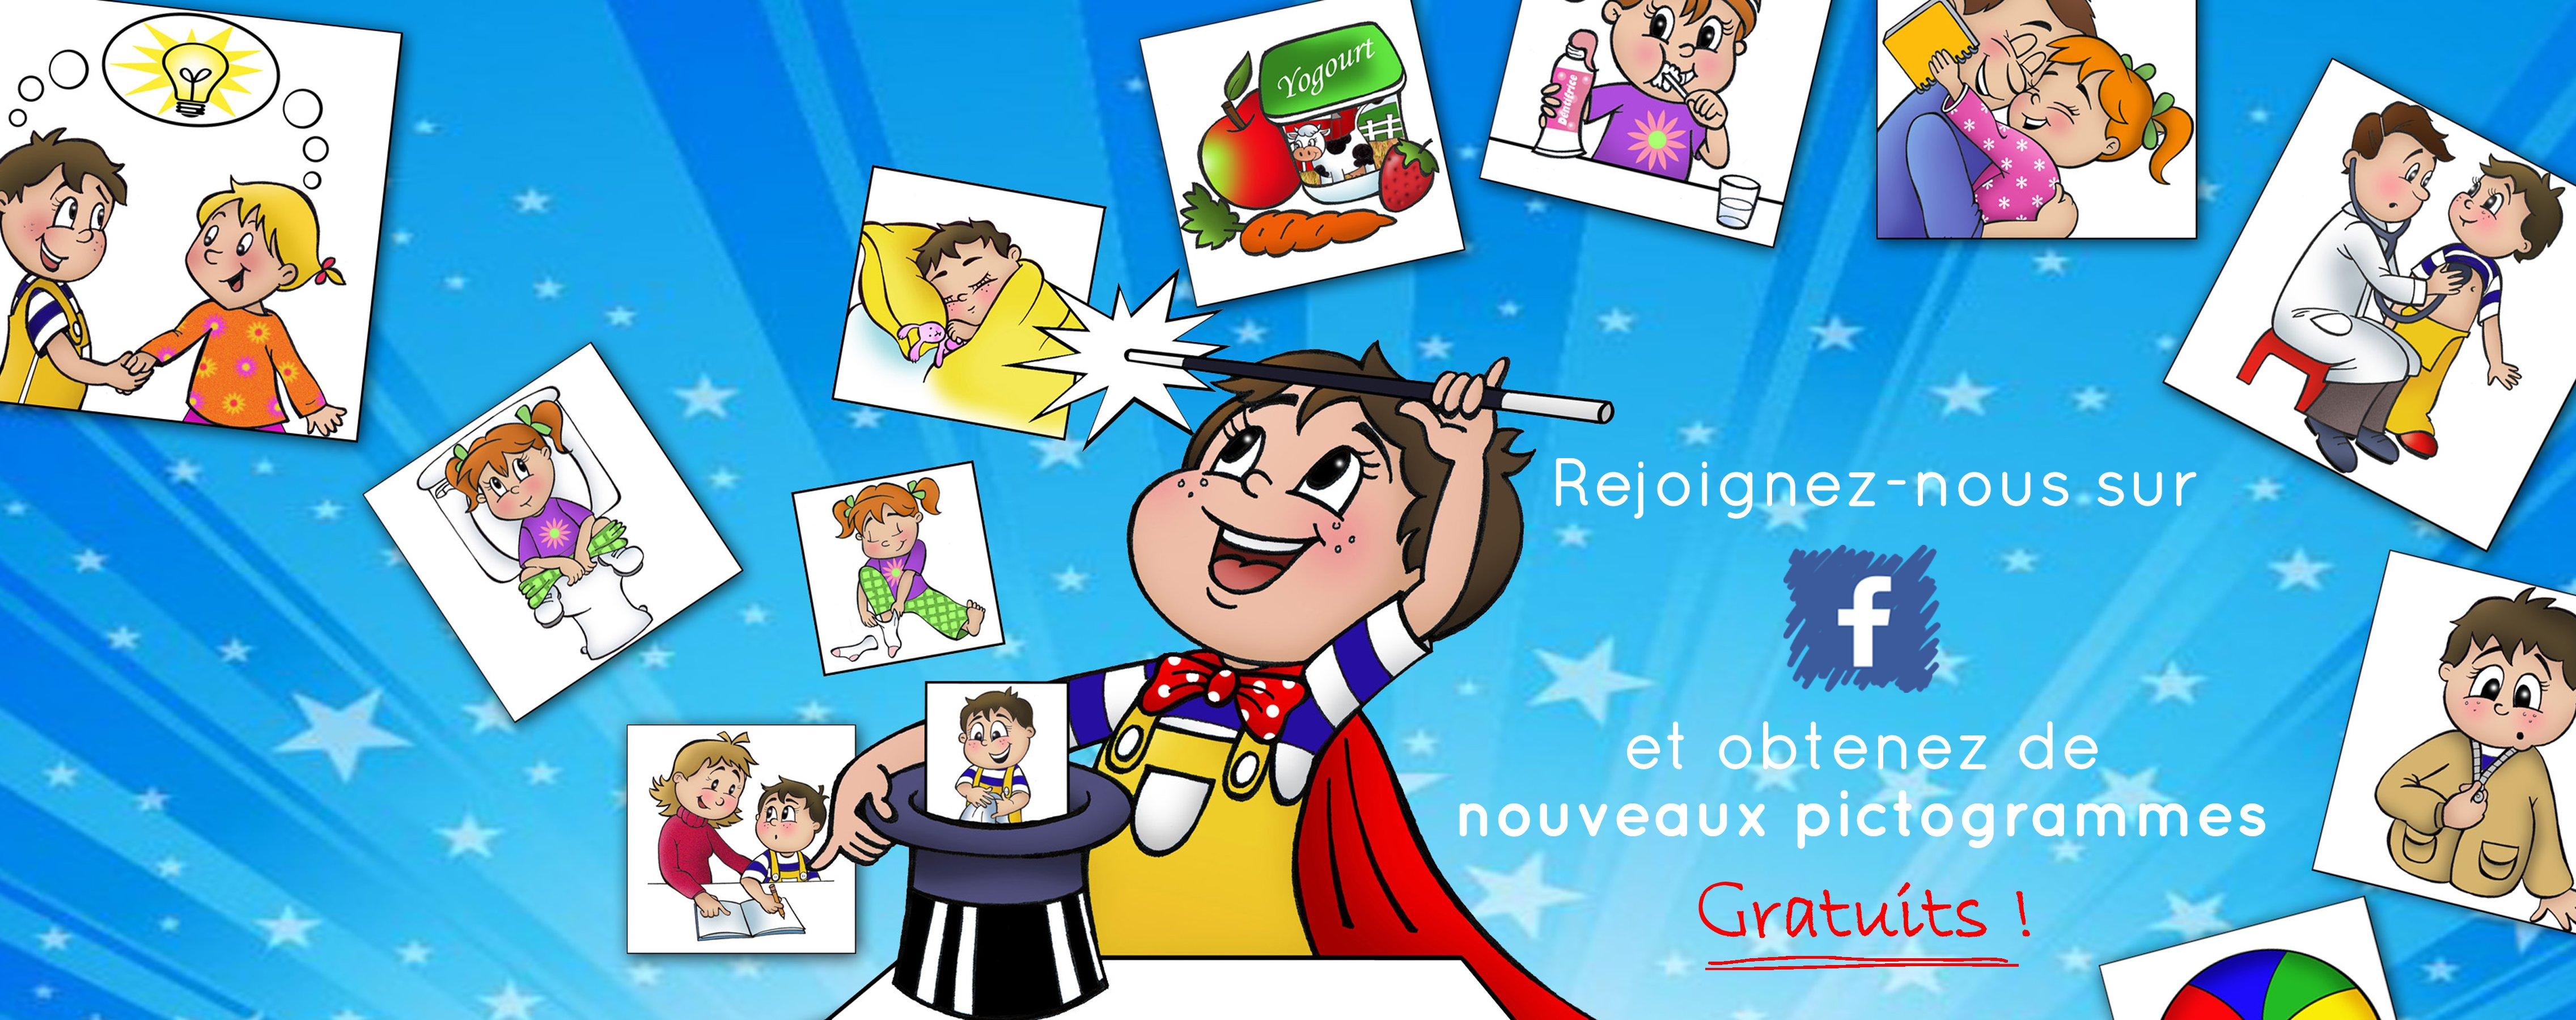 Souvent Les Pictogrammes - page d'accueil PV98